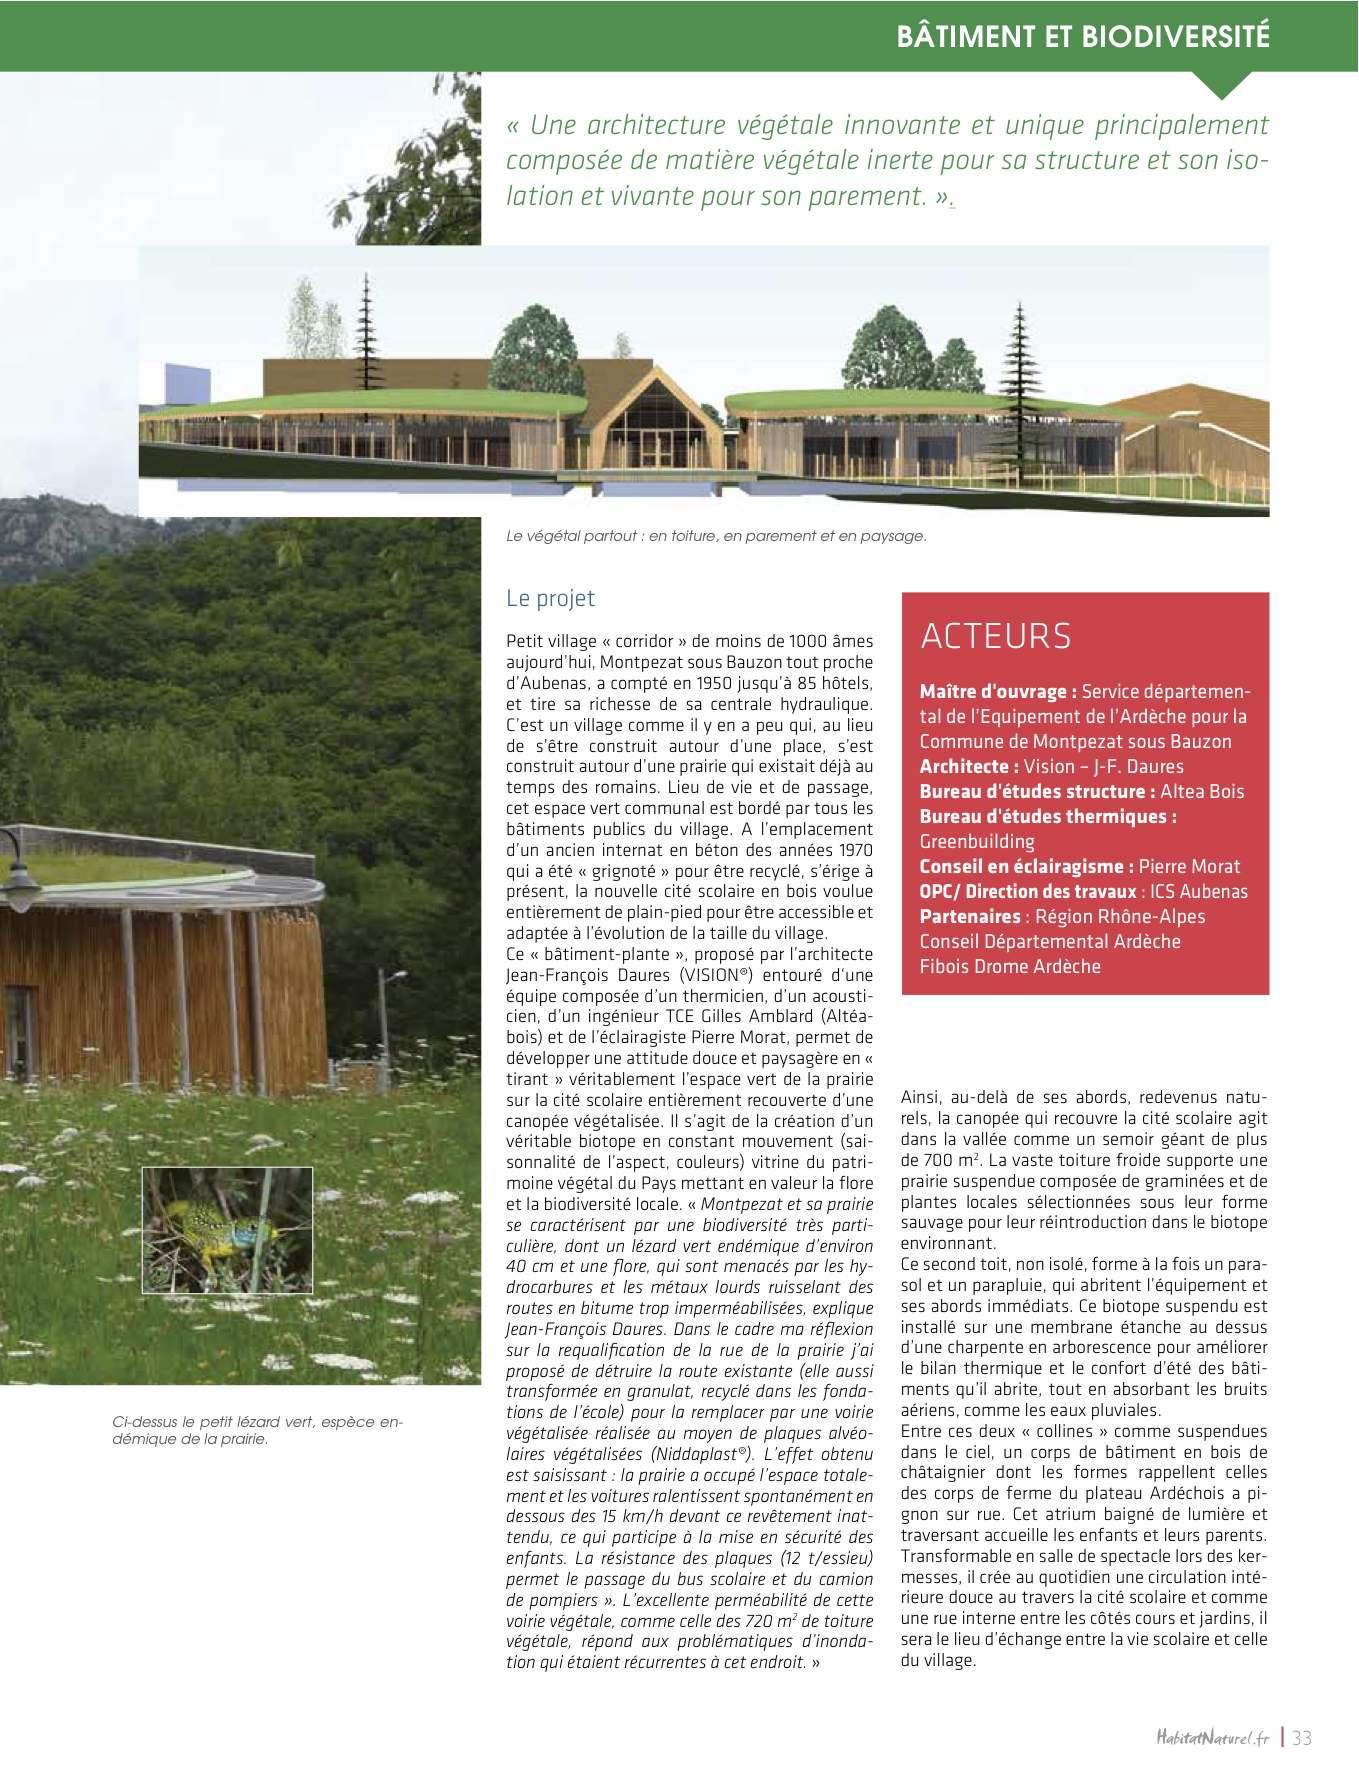 Habitat Naturel Hors série